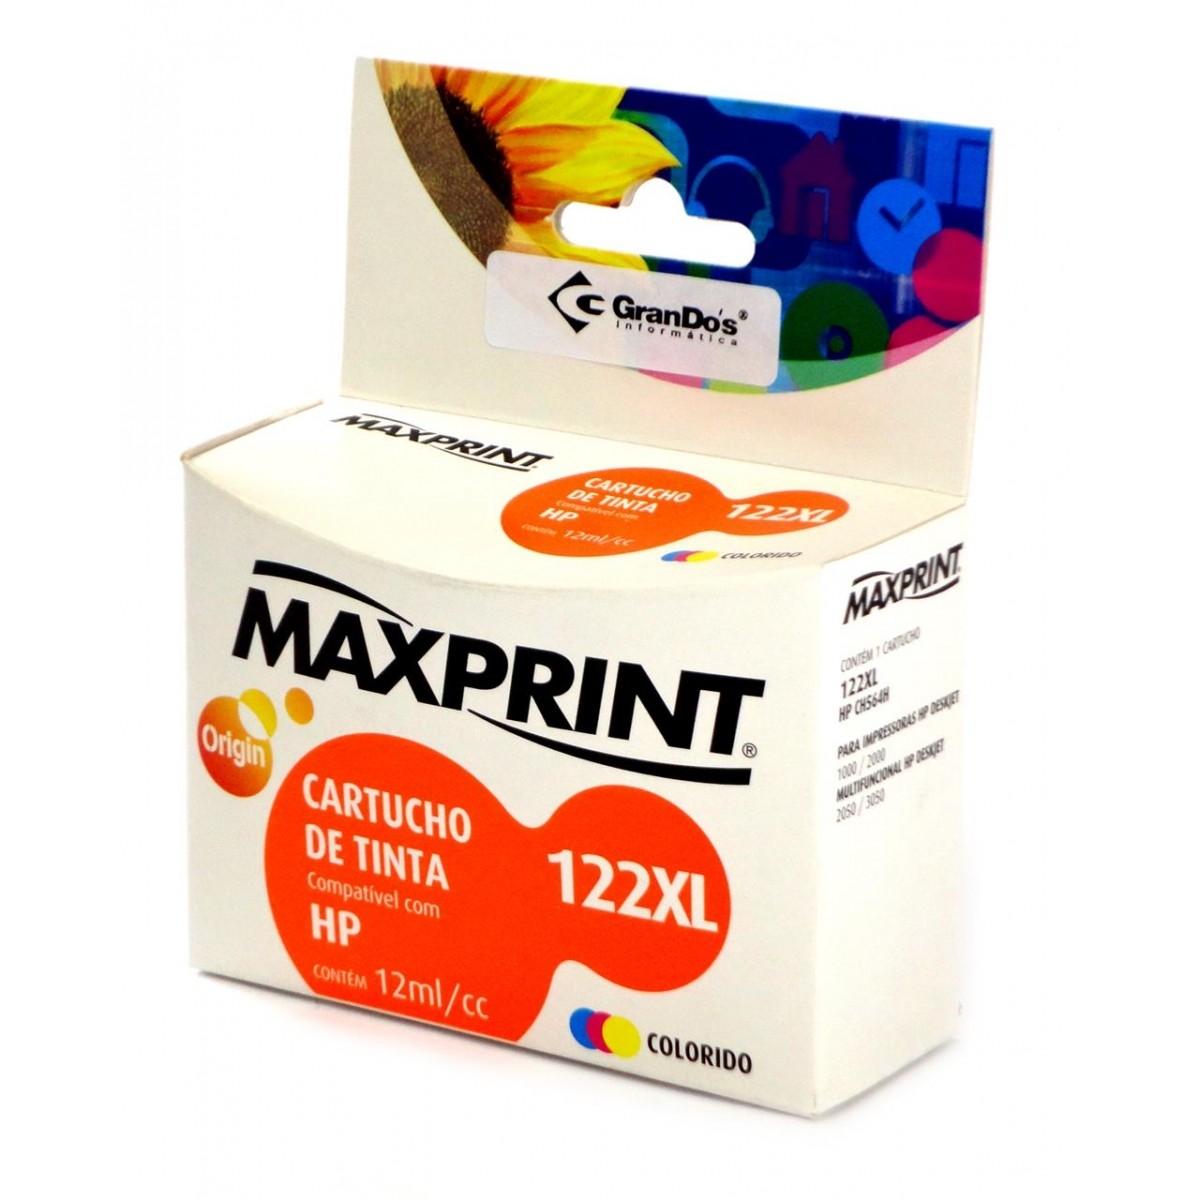 CARTUCHO COMP. HP CH564H 122XL COLOR MAXPRINT